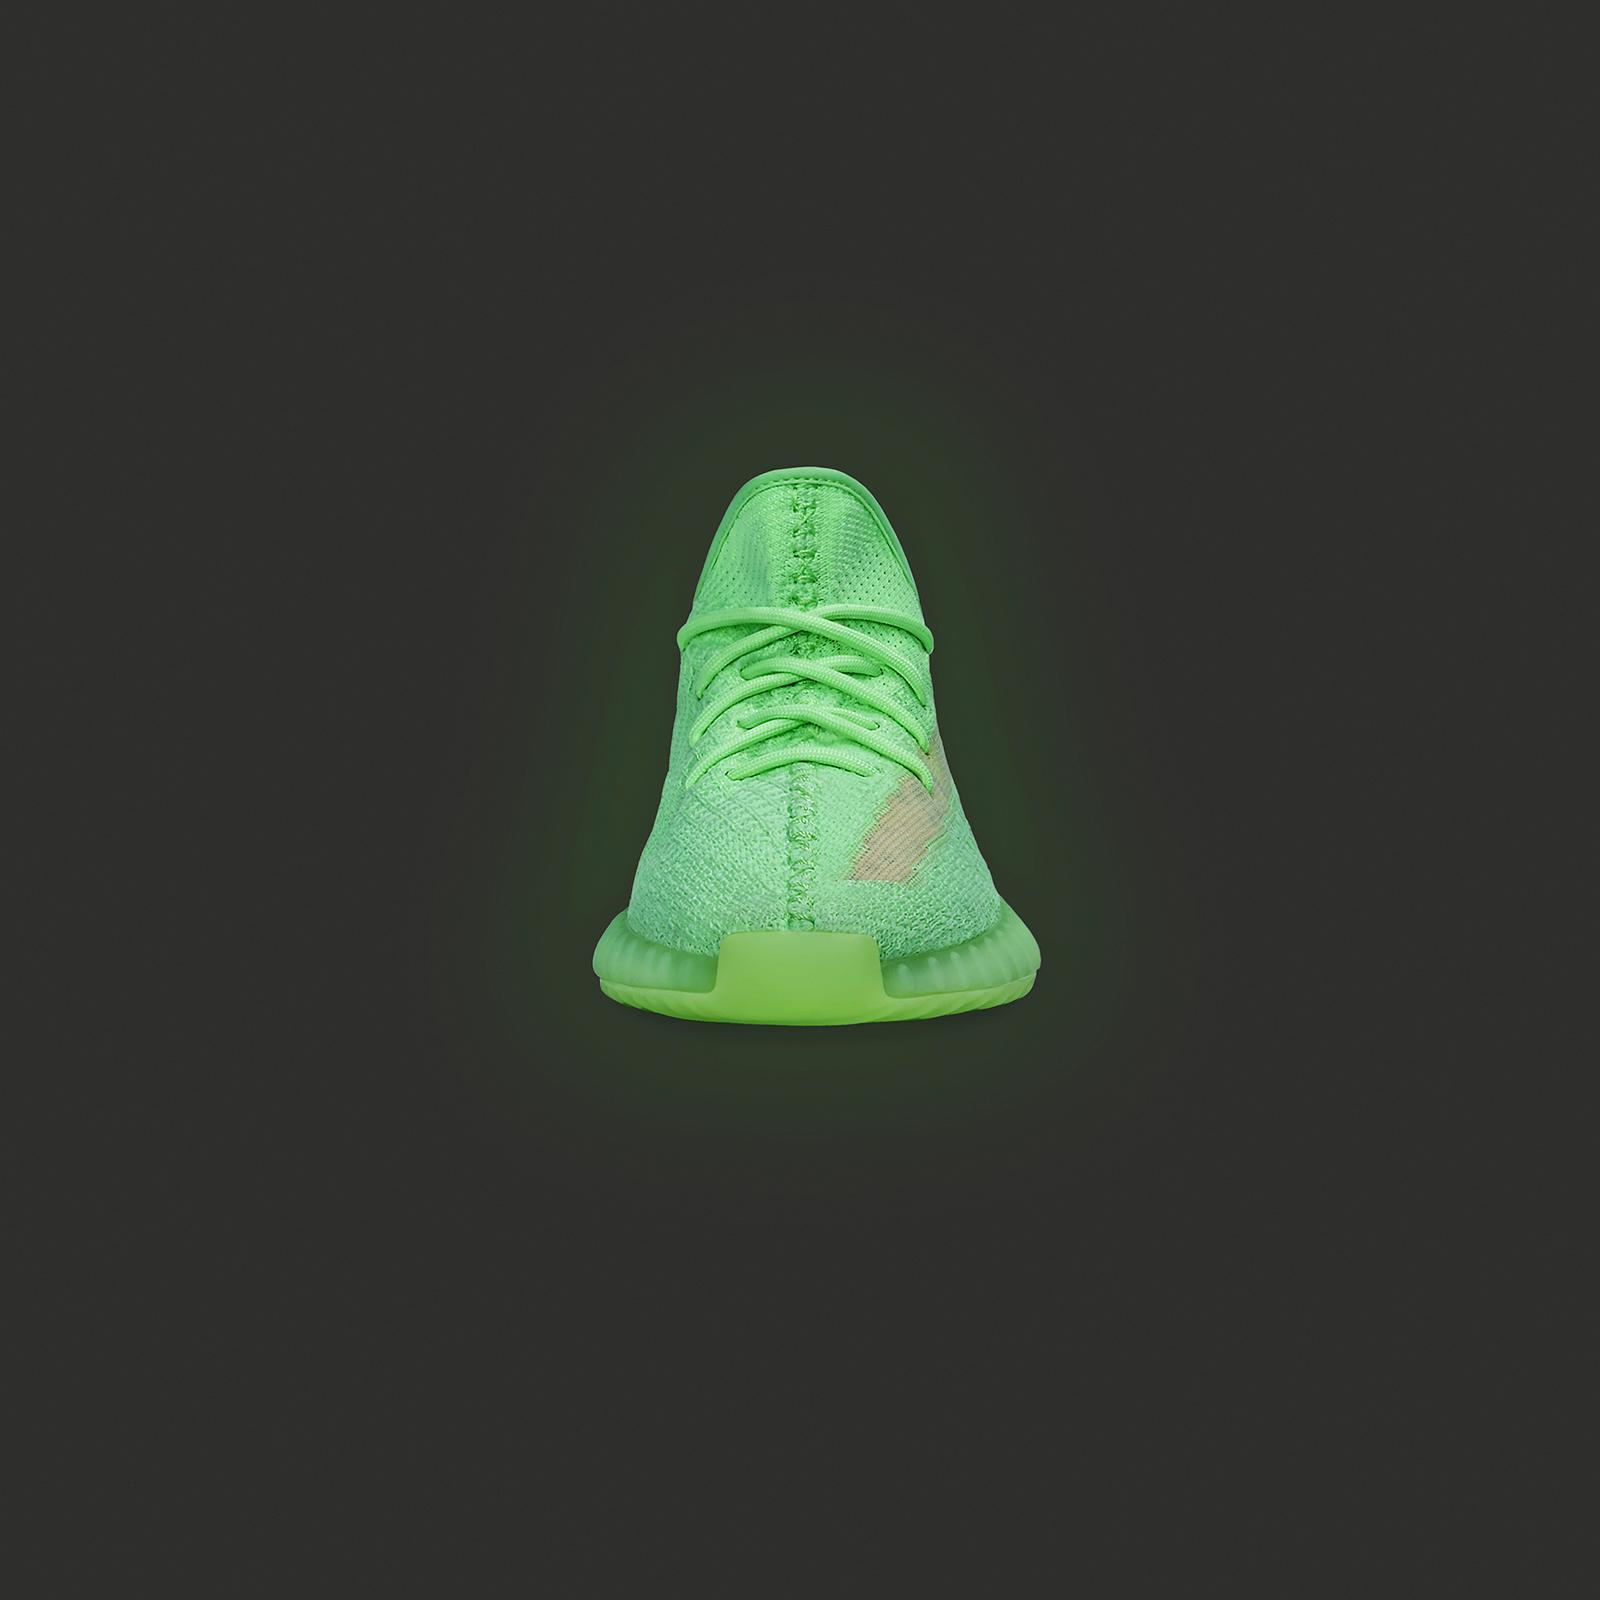 03-adidas-yeezy-boost-350-v2-glow-eg5293